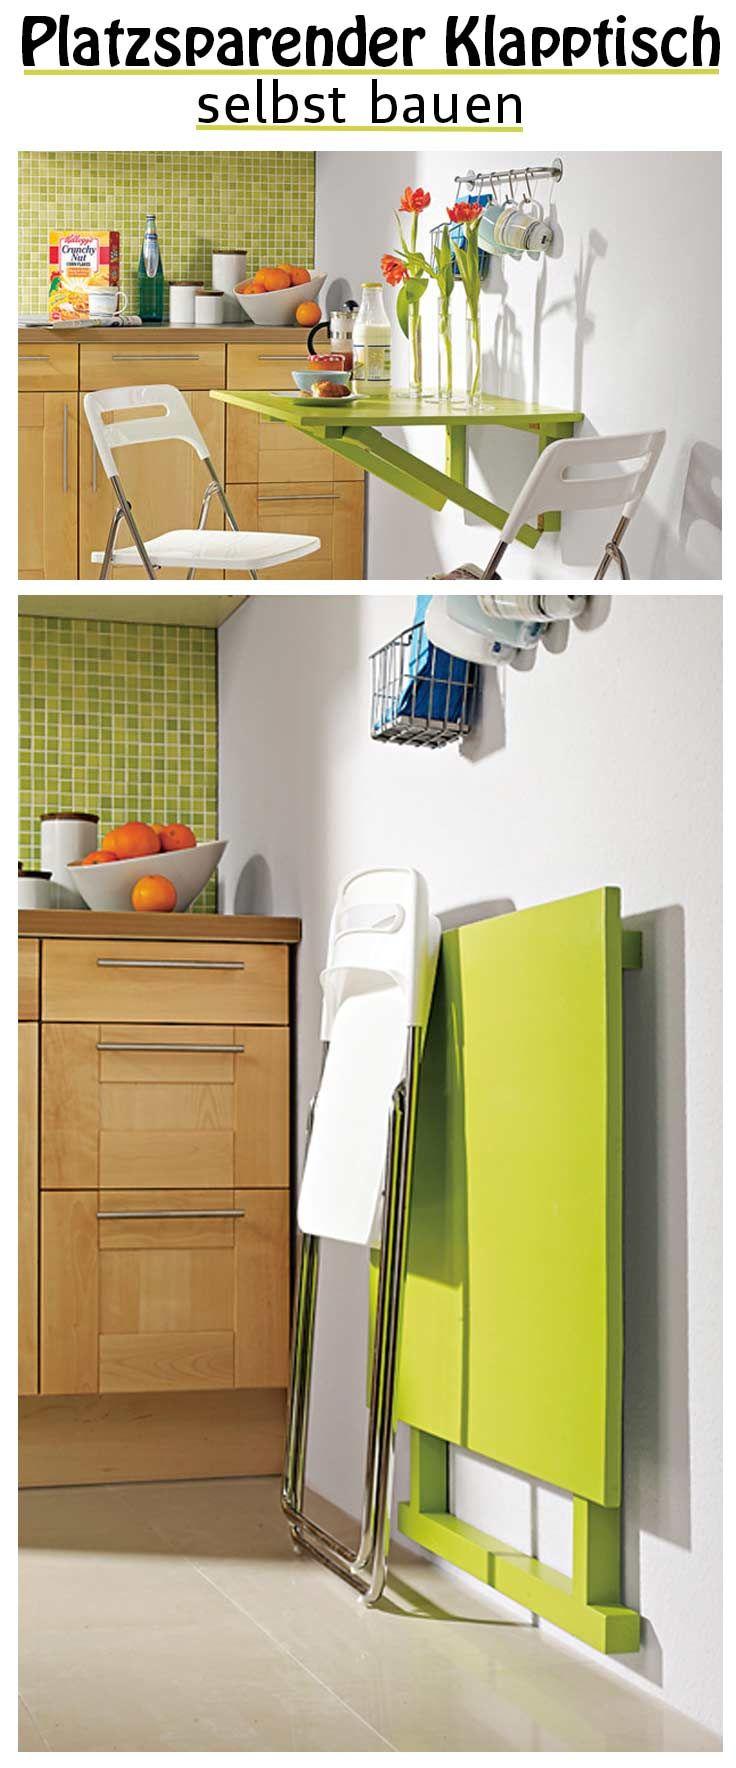 wandklapptisch selber bauen klapptisch selbst bauen und wenn man. Black Bedroom Furniture Sets. Home Design Ideas